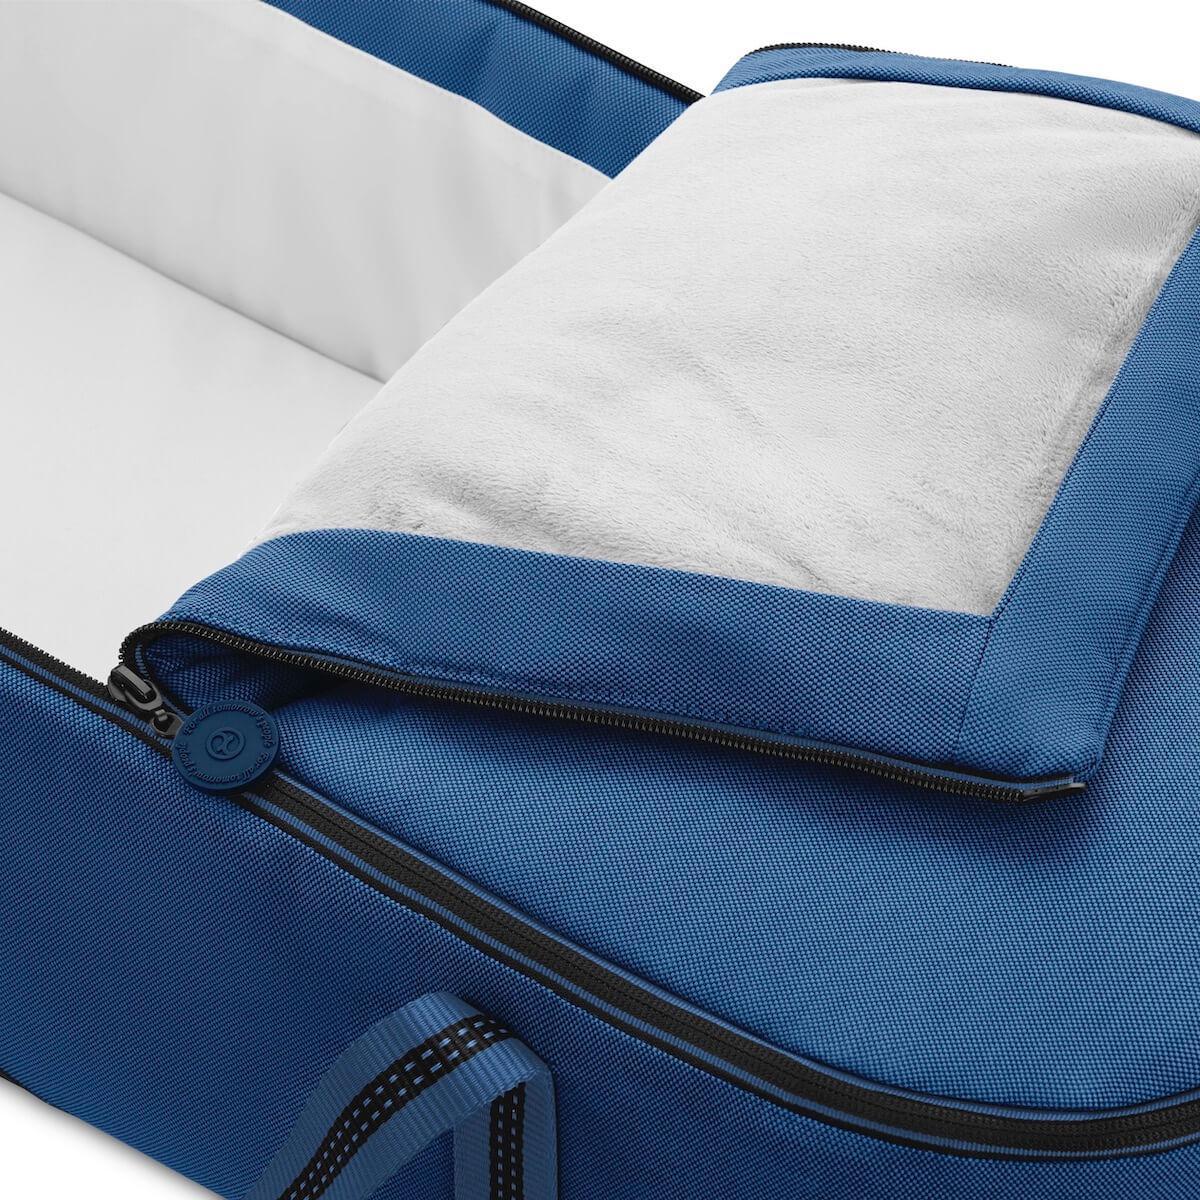 Chancelière COCOON S Classic Cybex Navy blue